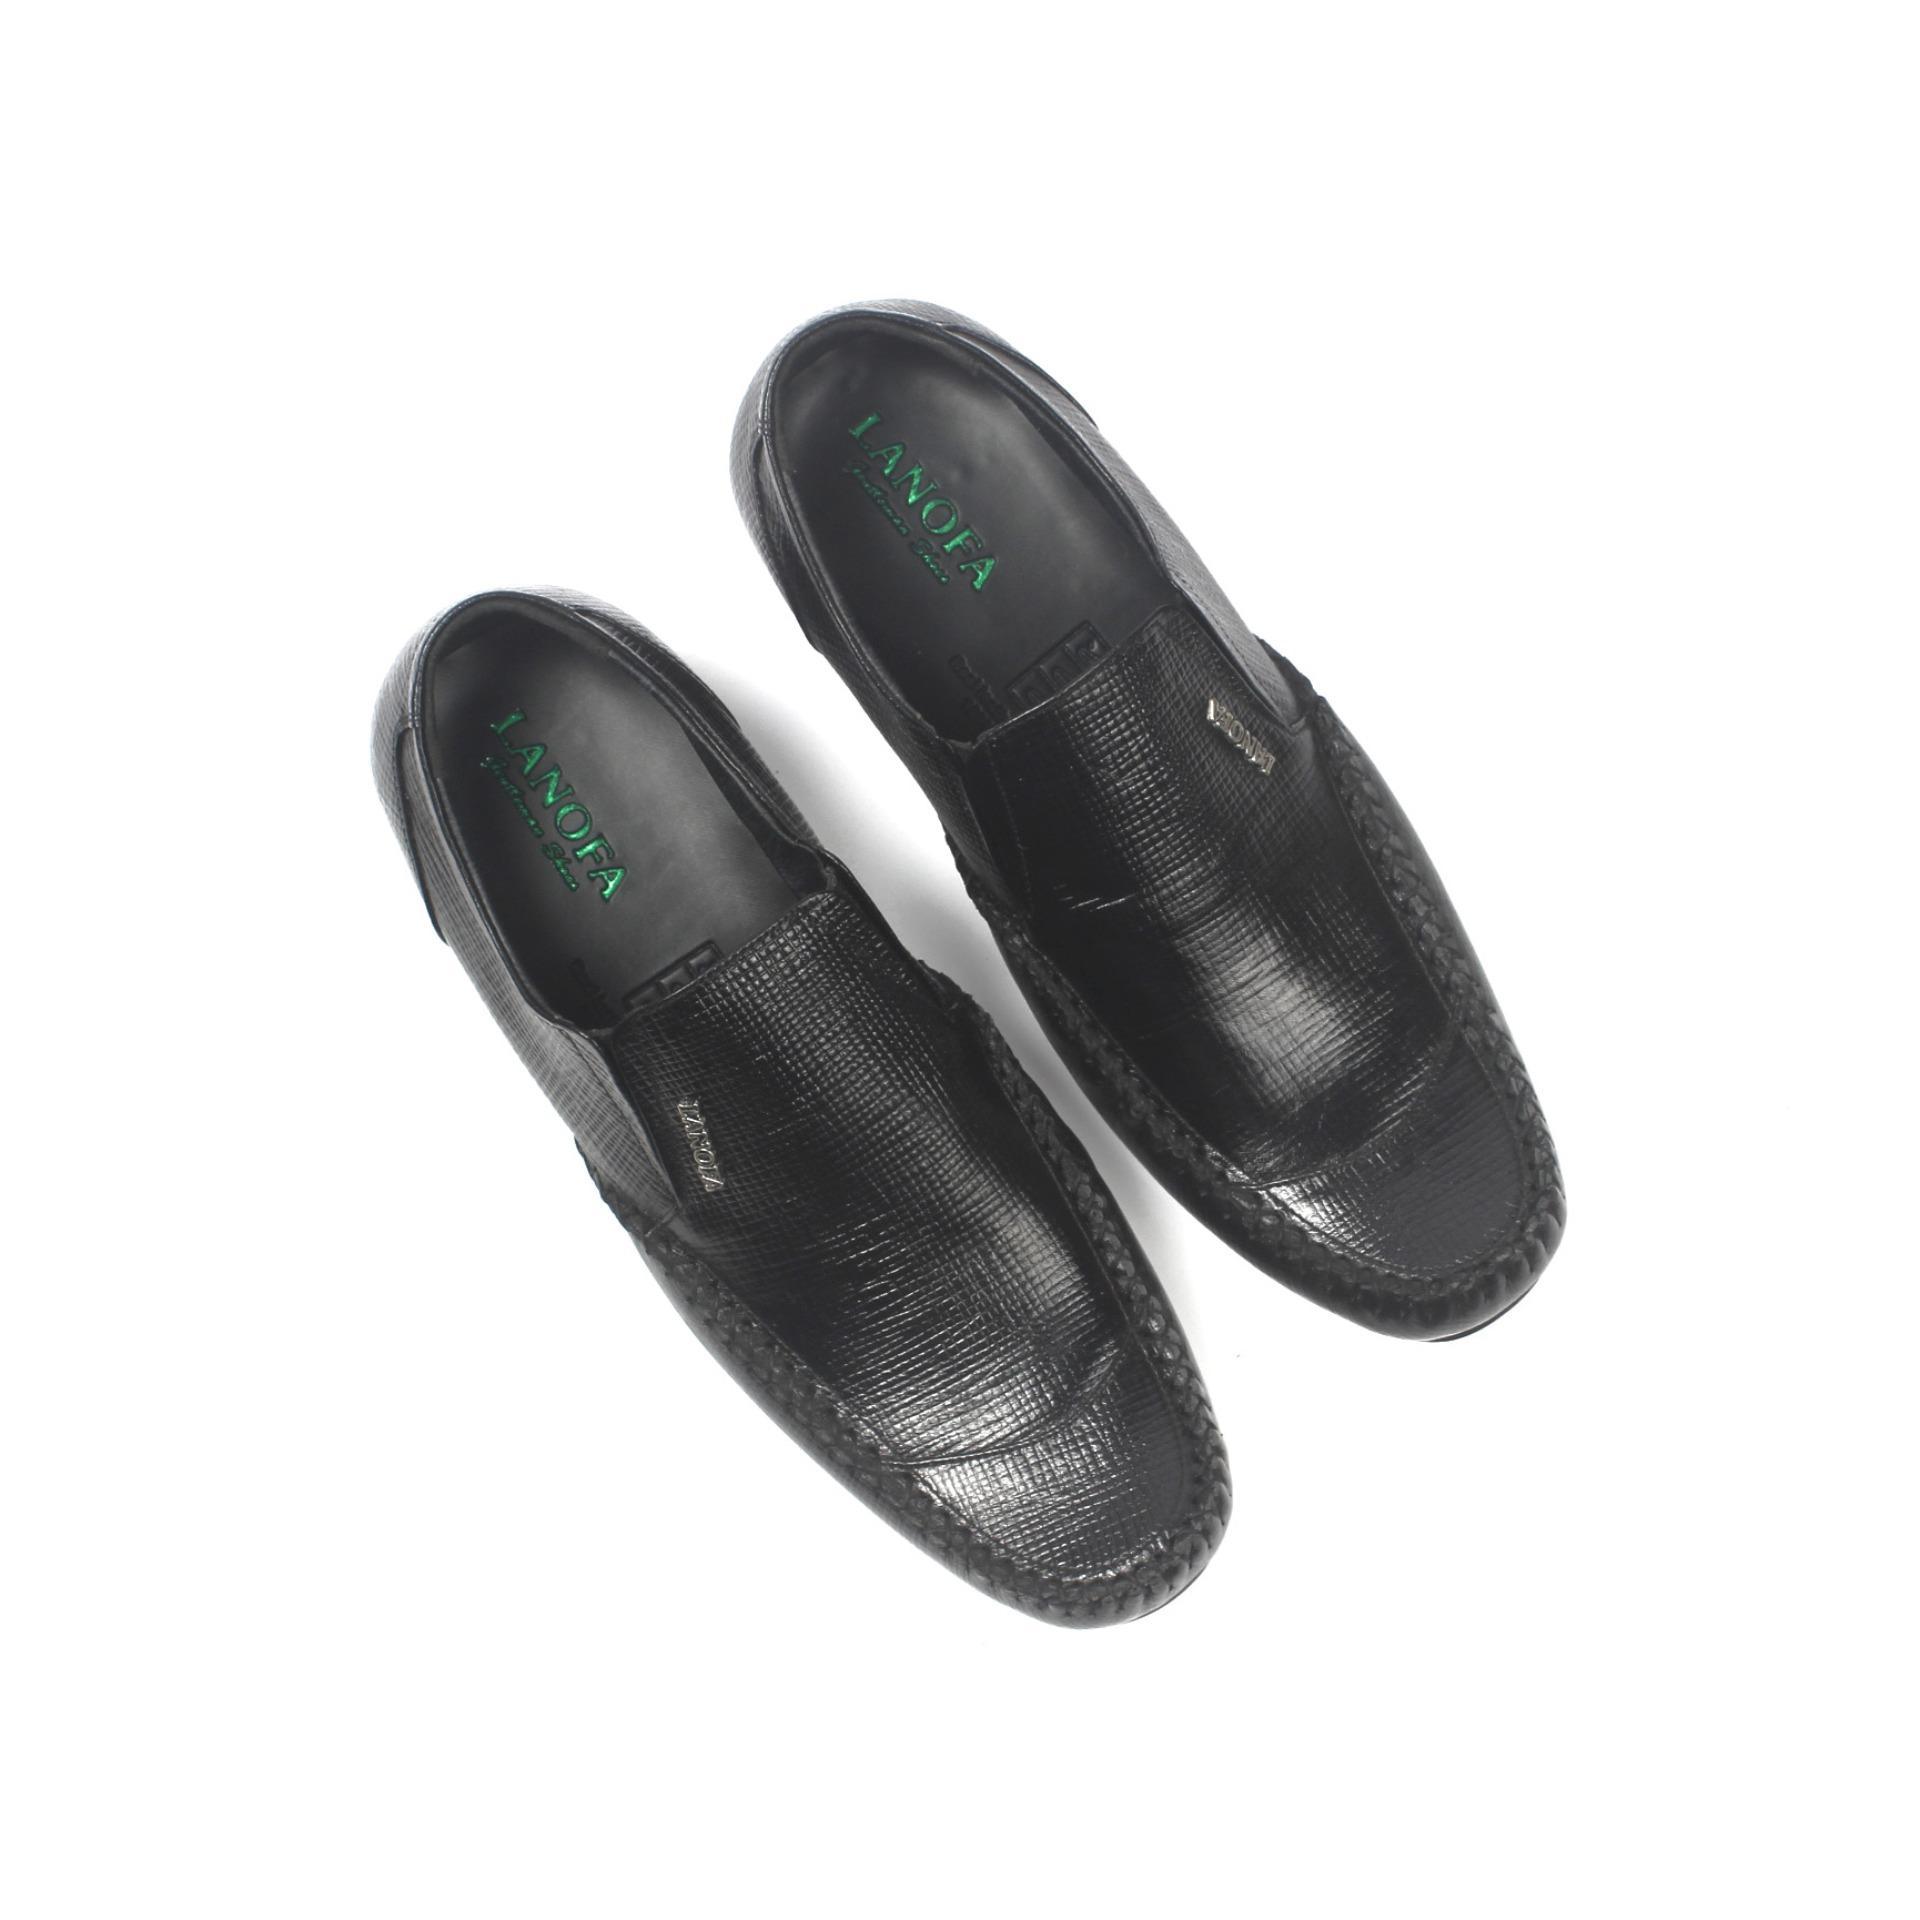 Harga Promo Sepatu Kulit Pantofel Pria LANOFA 1157 Di Jakarta